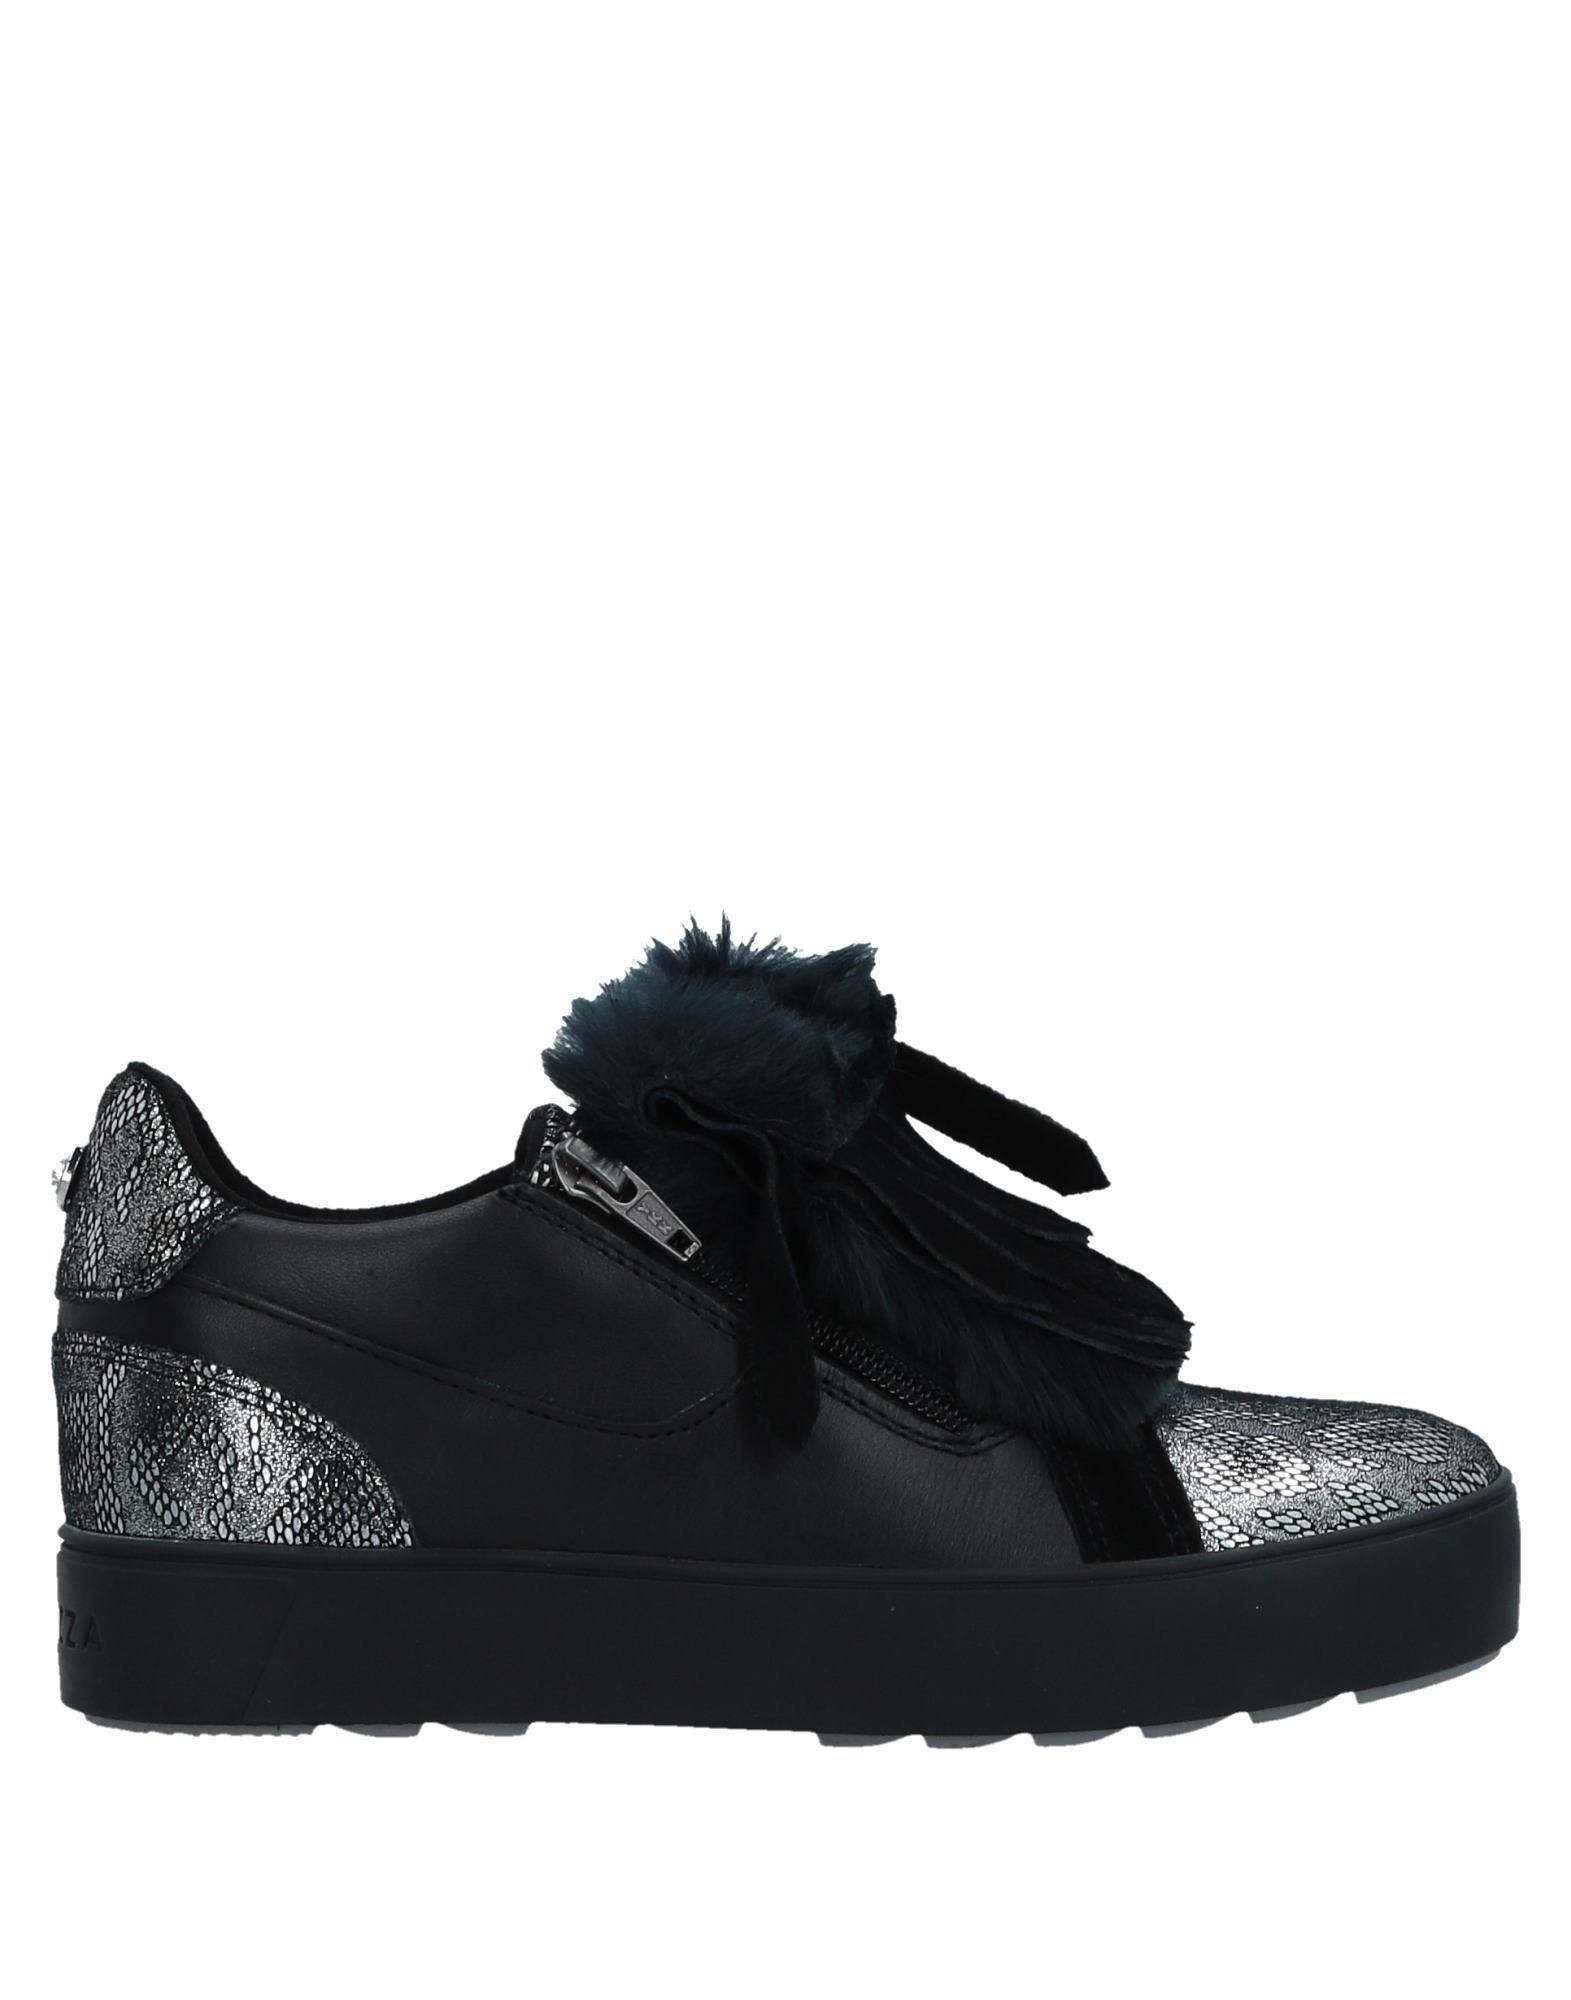 Moda Sneakers Apepazza Donna - 11516755OV